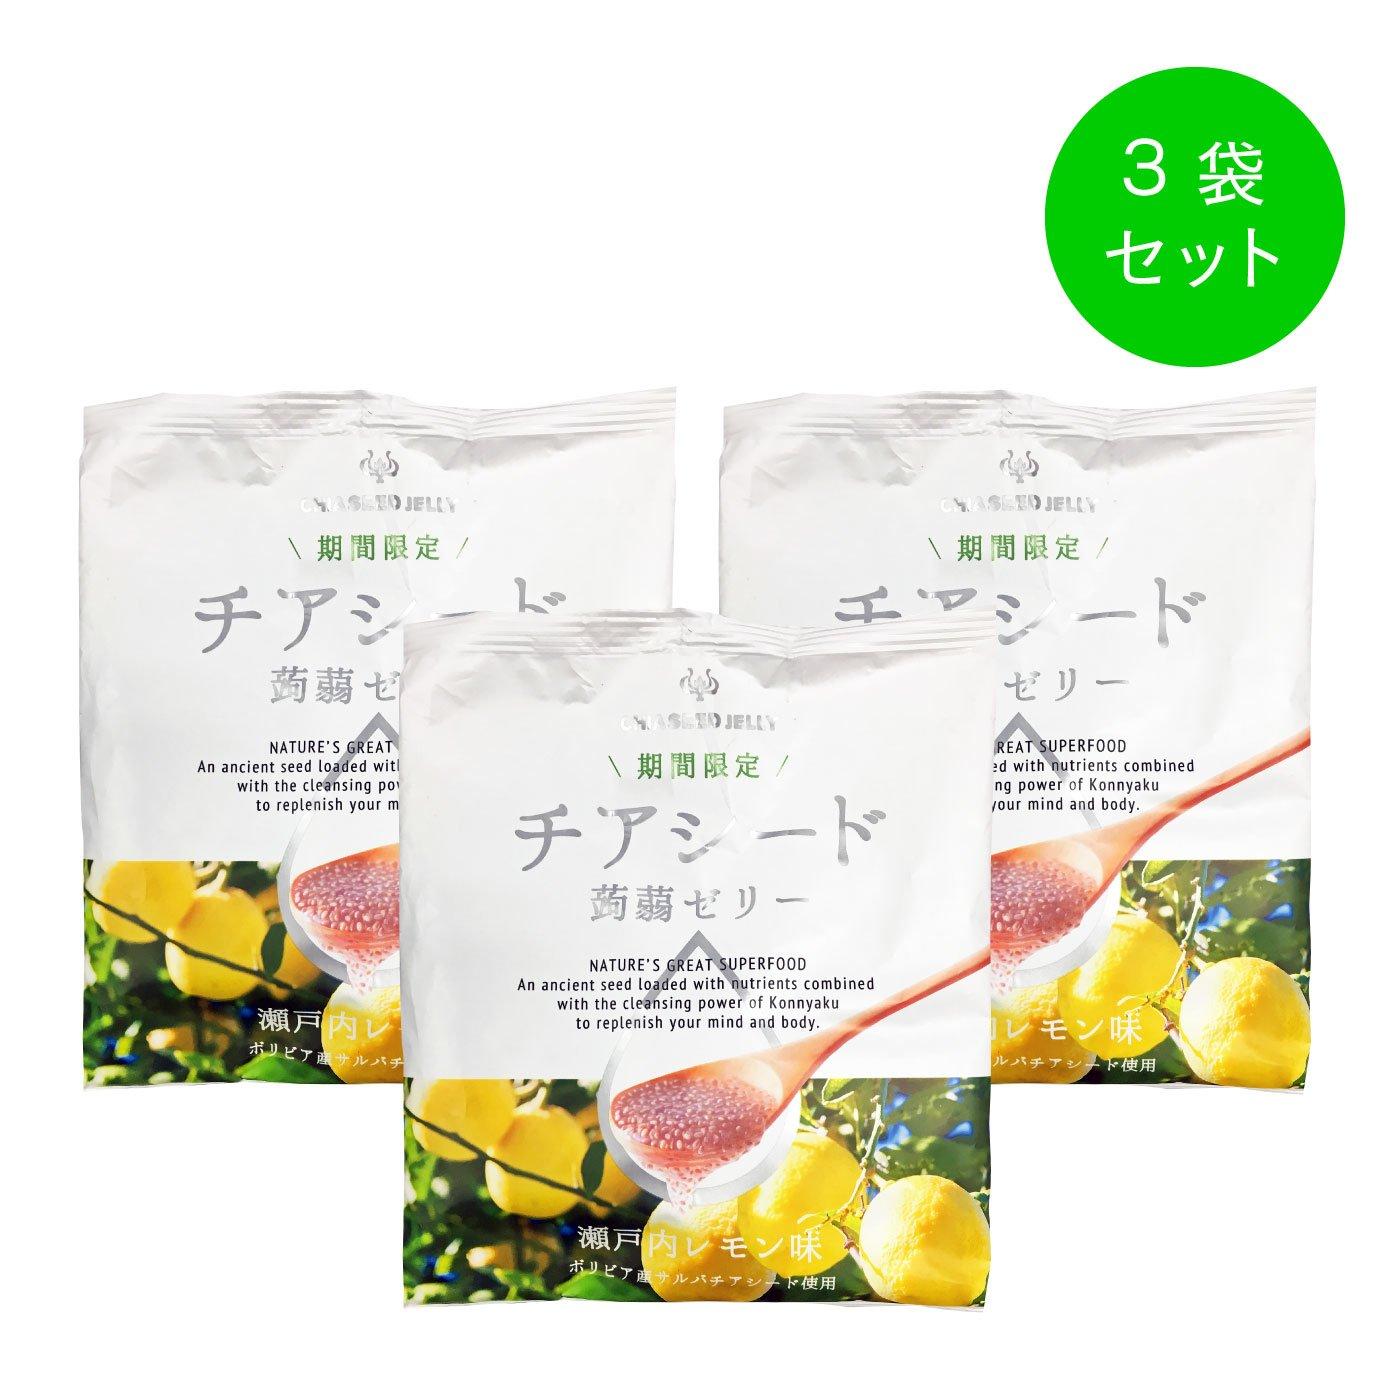 プチプチぷるるん チアシード蒟蒻ゼリー 瀬戸内レモン〈3袋〉の会